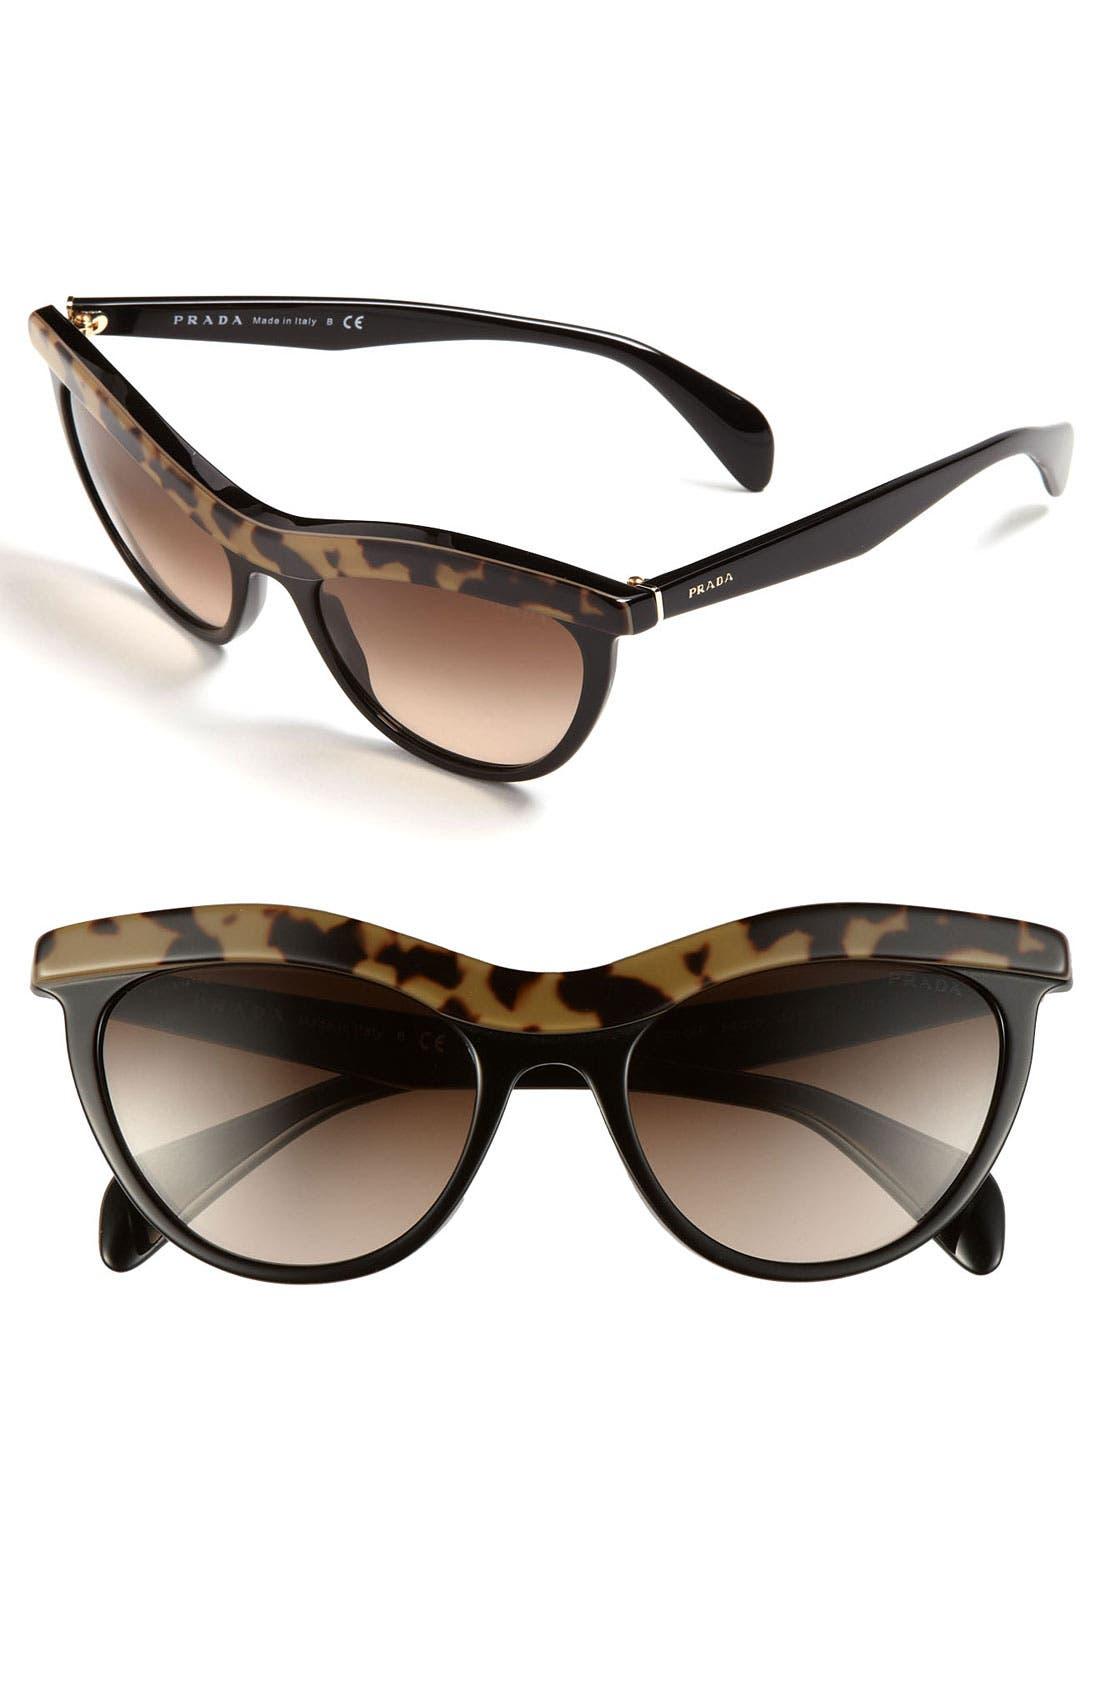 Main Image - Prada Cat's Eye Sunglasses